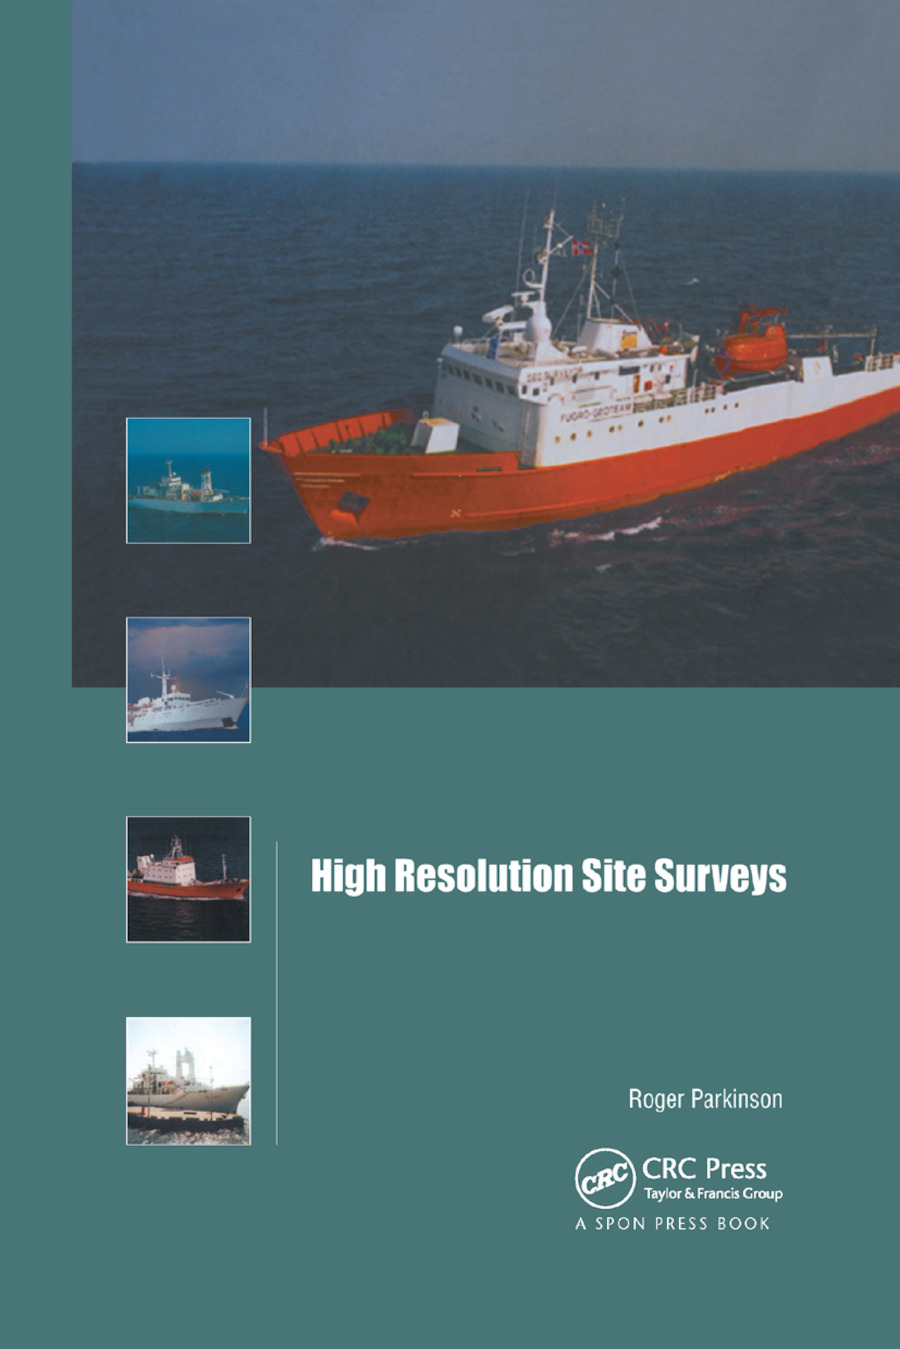 High Resolution Site Surveys book cover